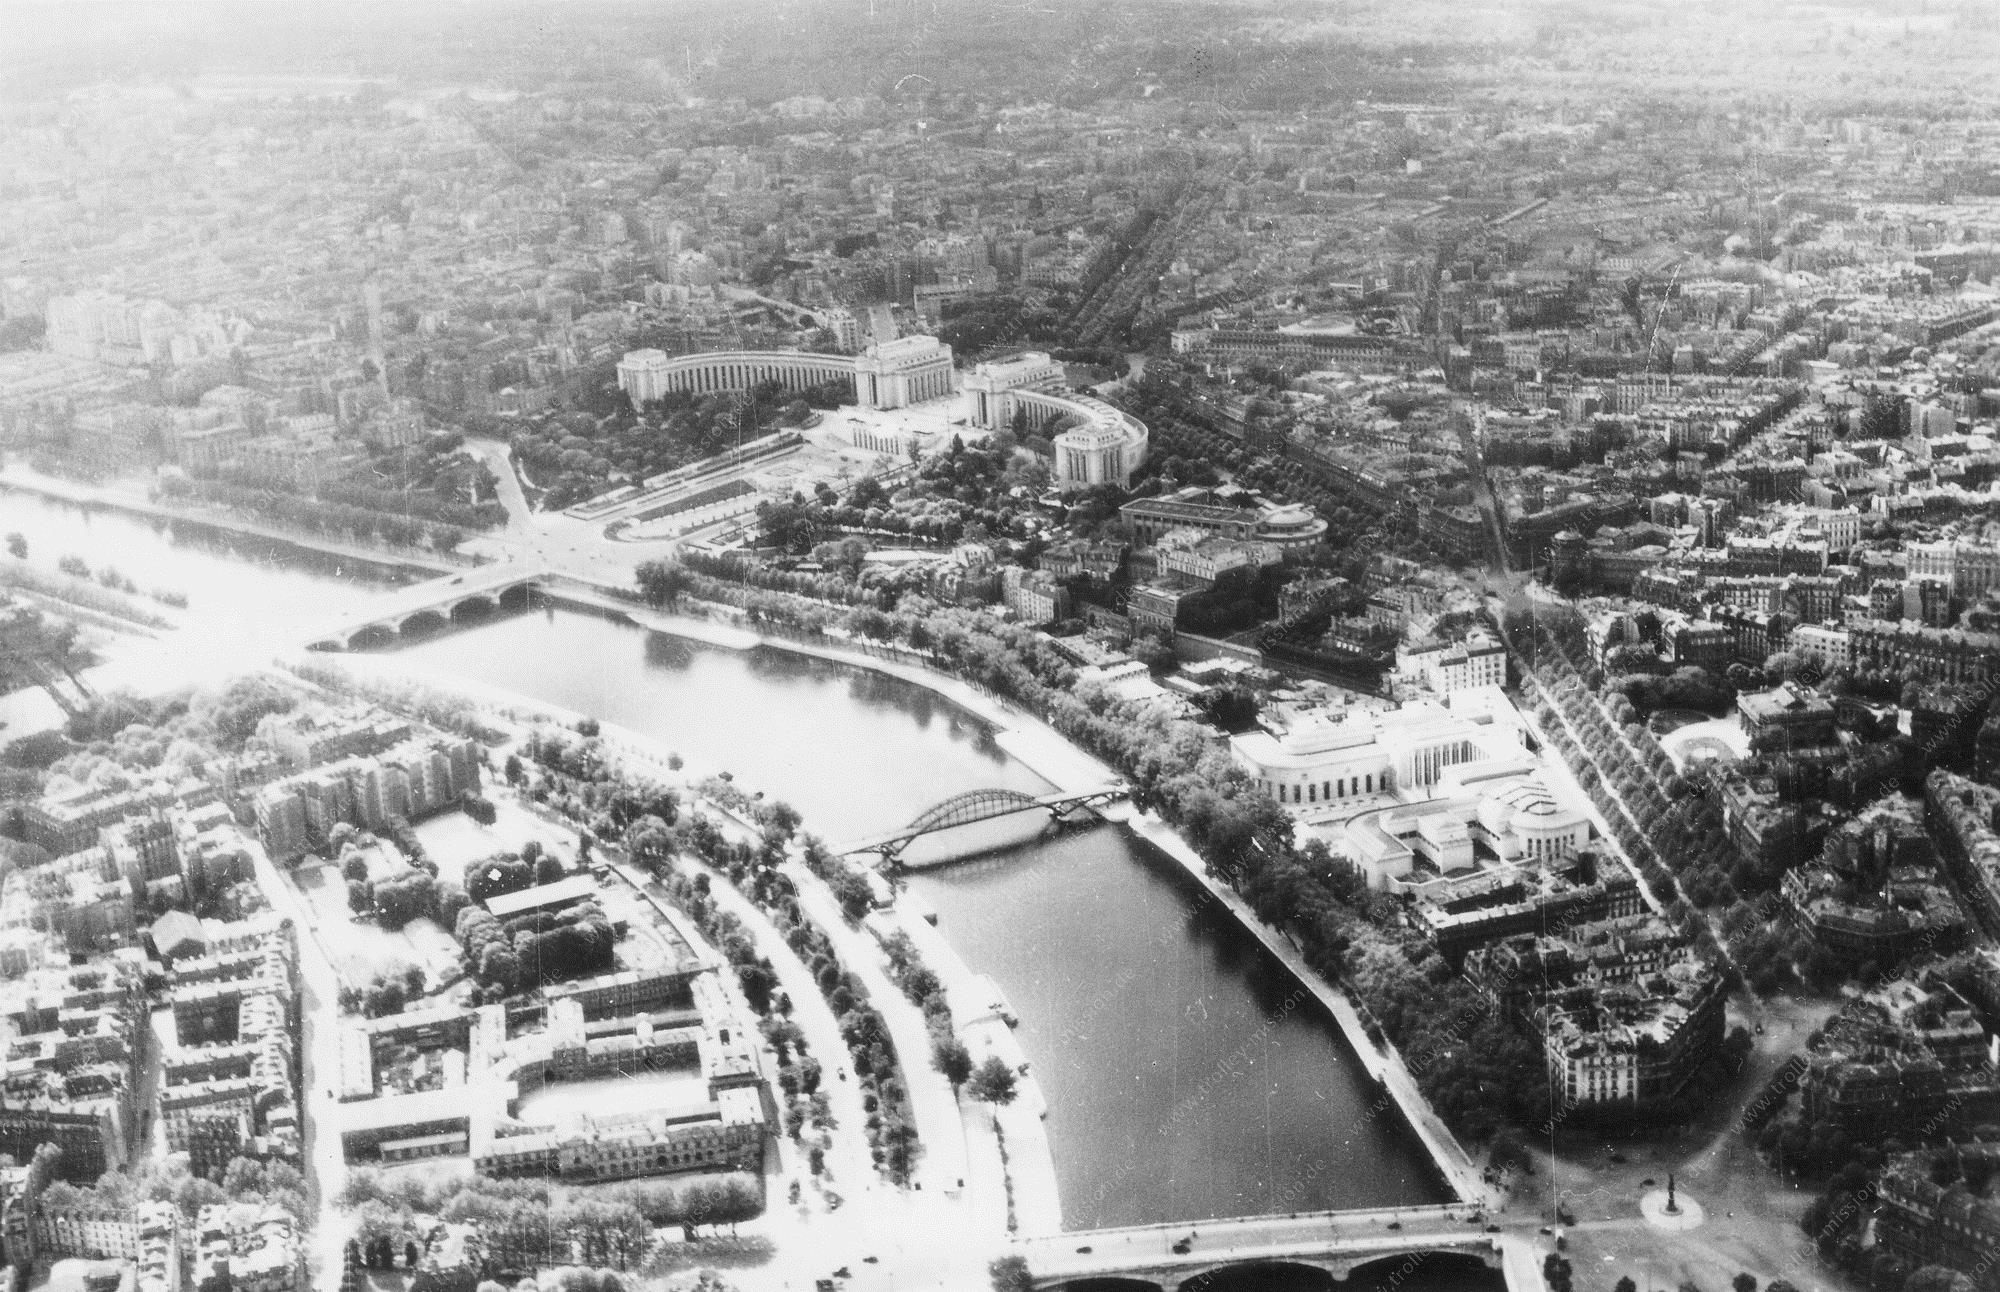 Paris 1945 Luftbild Palais de Chaillot 1/3 (Frankreich)